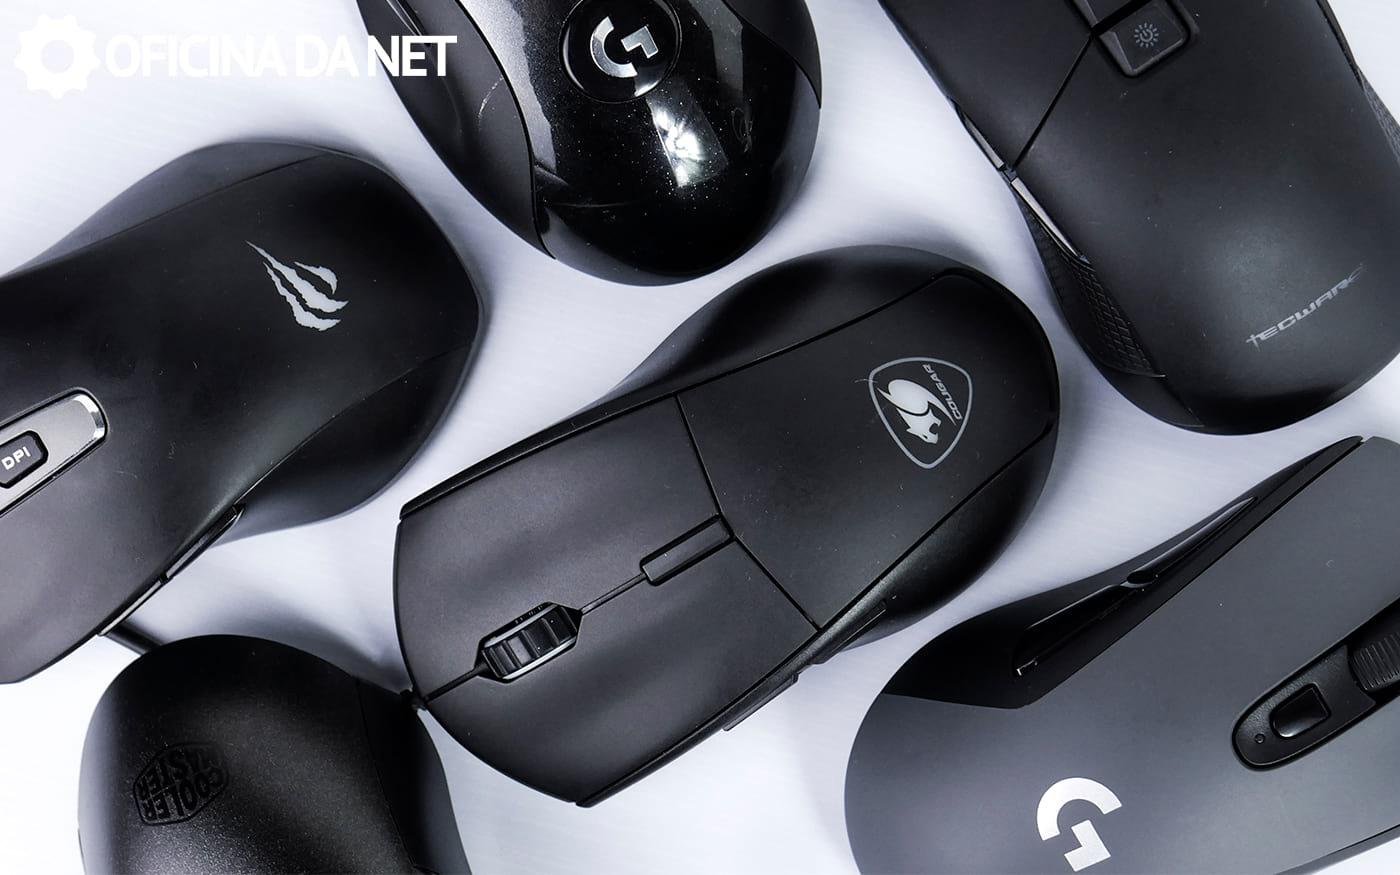 Melhores mouses Gamers para comprar até R$500 (Dezembro 2020)